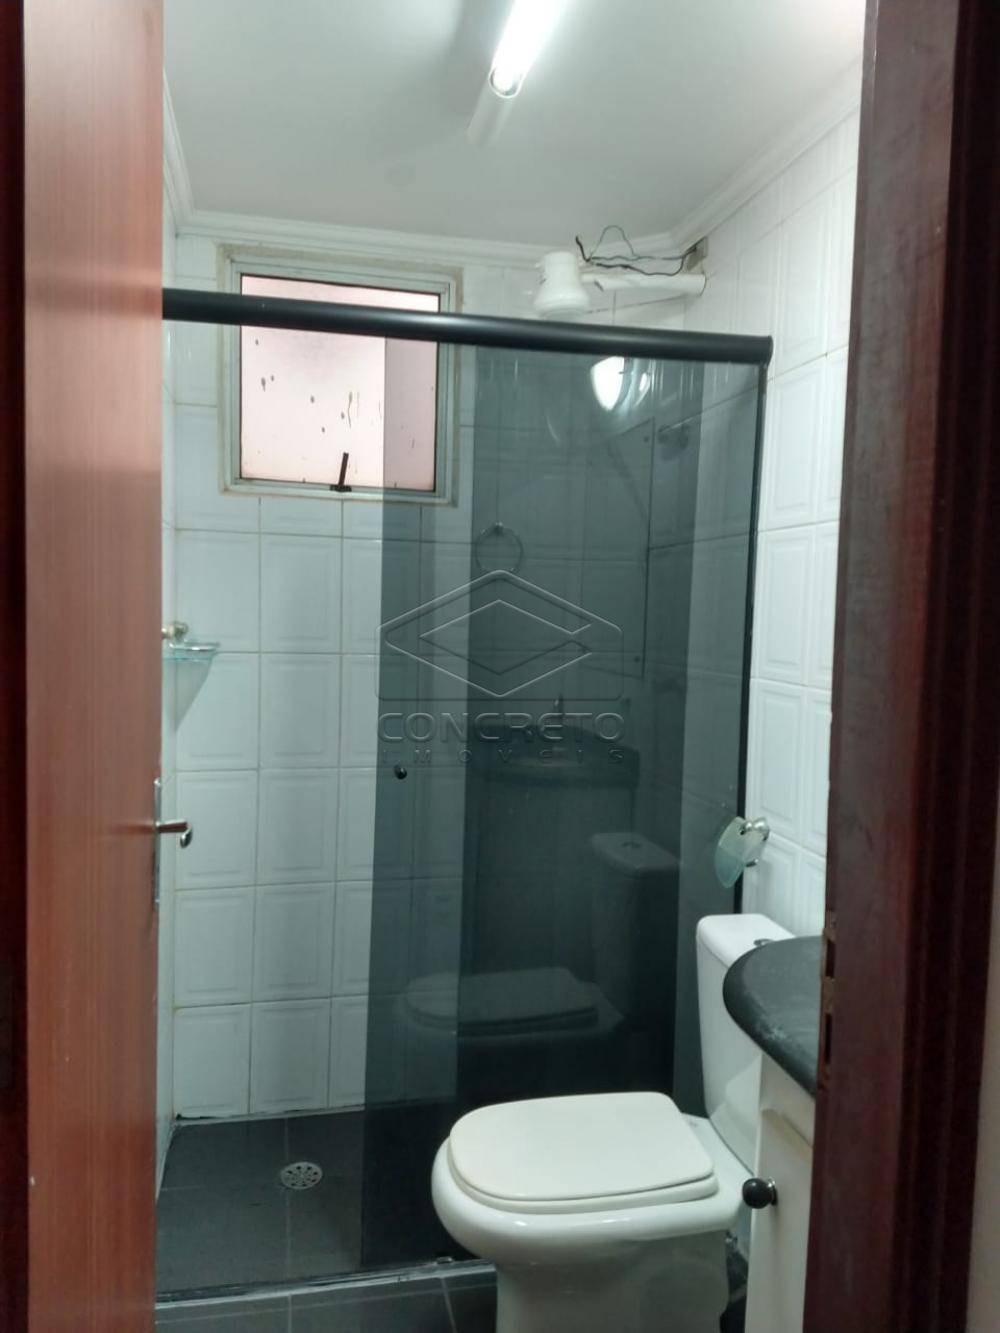 Comprar Apartamento / Padrão em Bauru R$ 190.000,00 - Foto 11